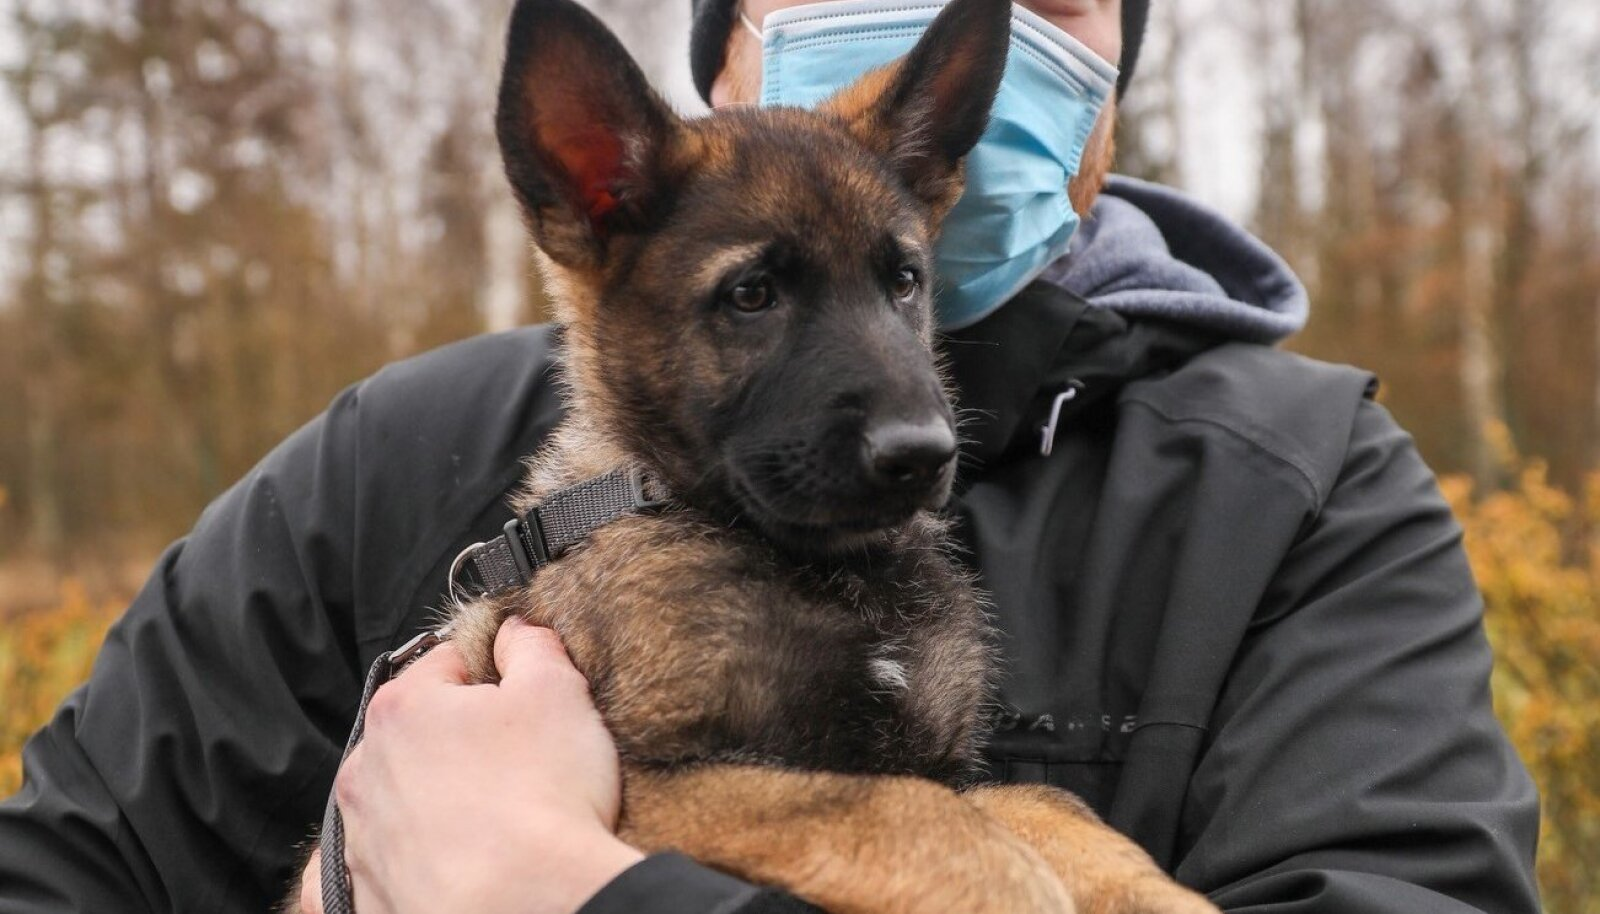 Politsei koerad2